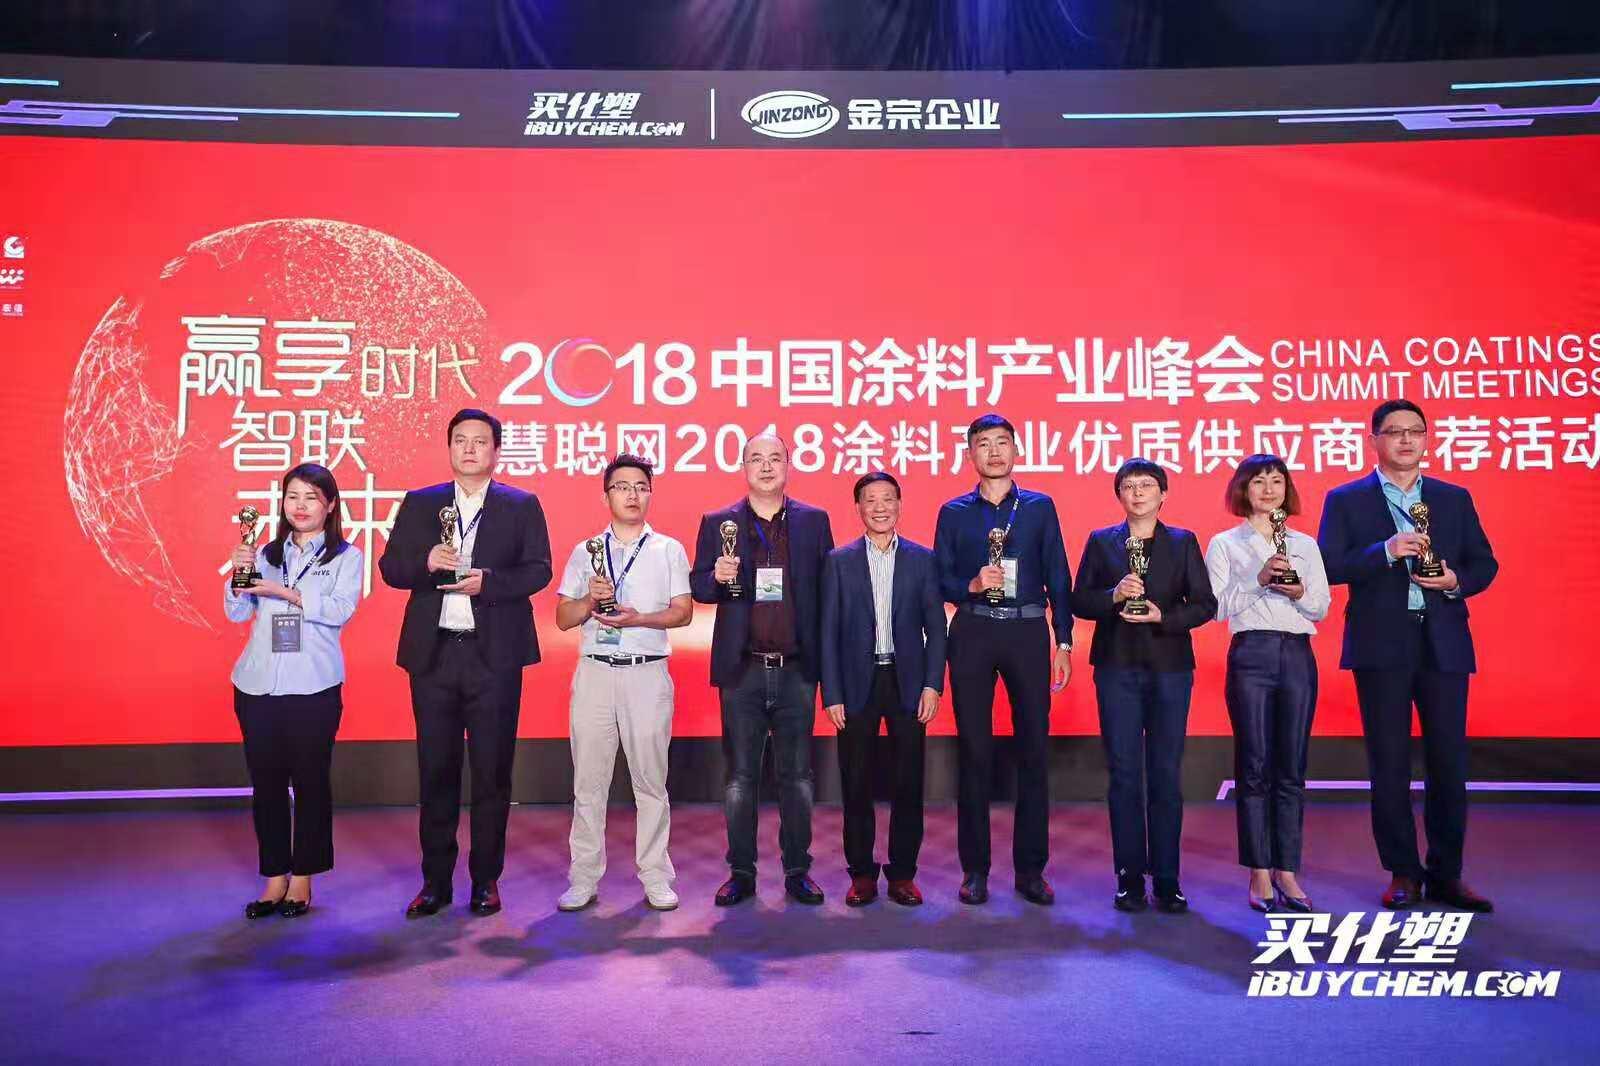 北京赛德丽科技股份有限公司总经理赵东升(左四)